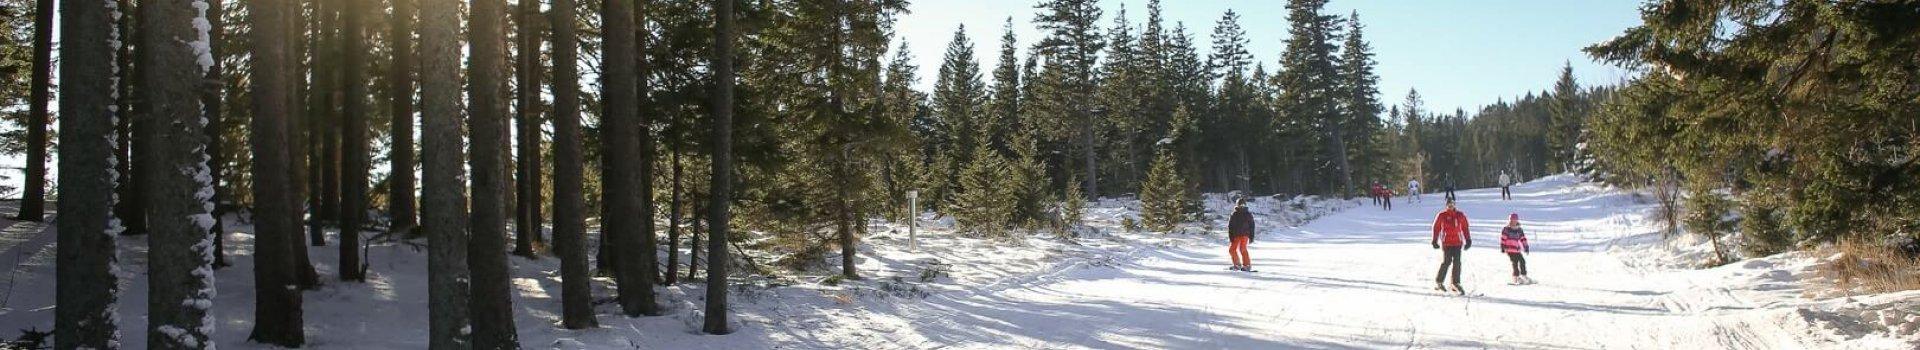 Pokrowiec na narty, dzięki któremu zabezpieczysz sprzęt w każdych warunkach